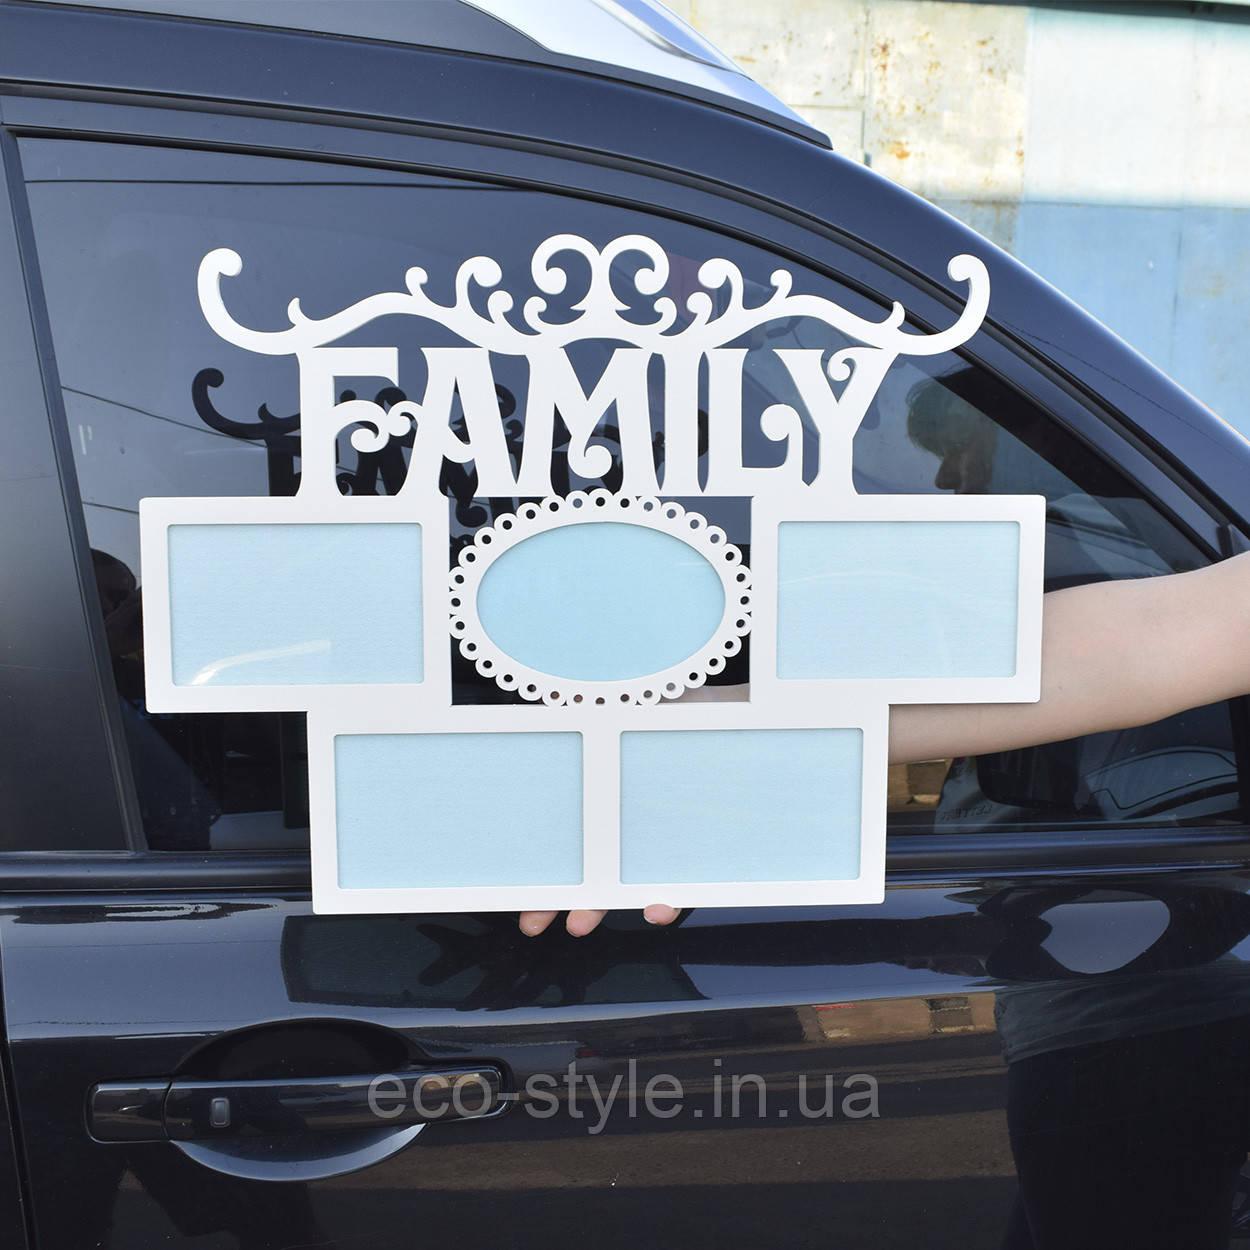 Фоторамка с надписью, фоторамка на стену, семейная фоторамка